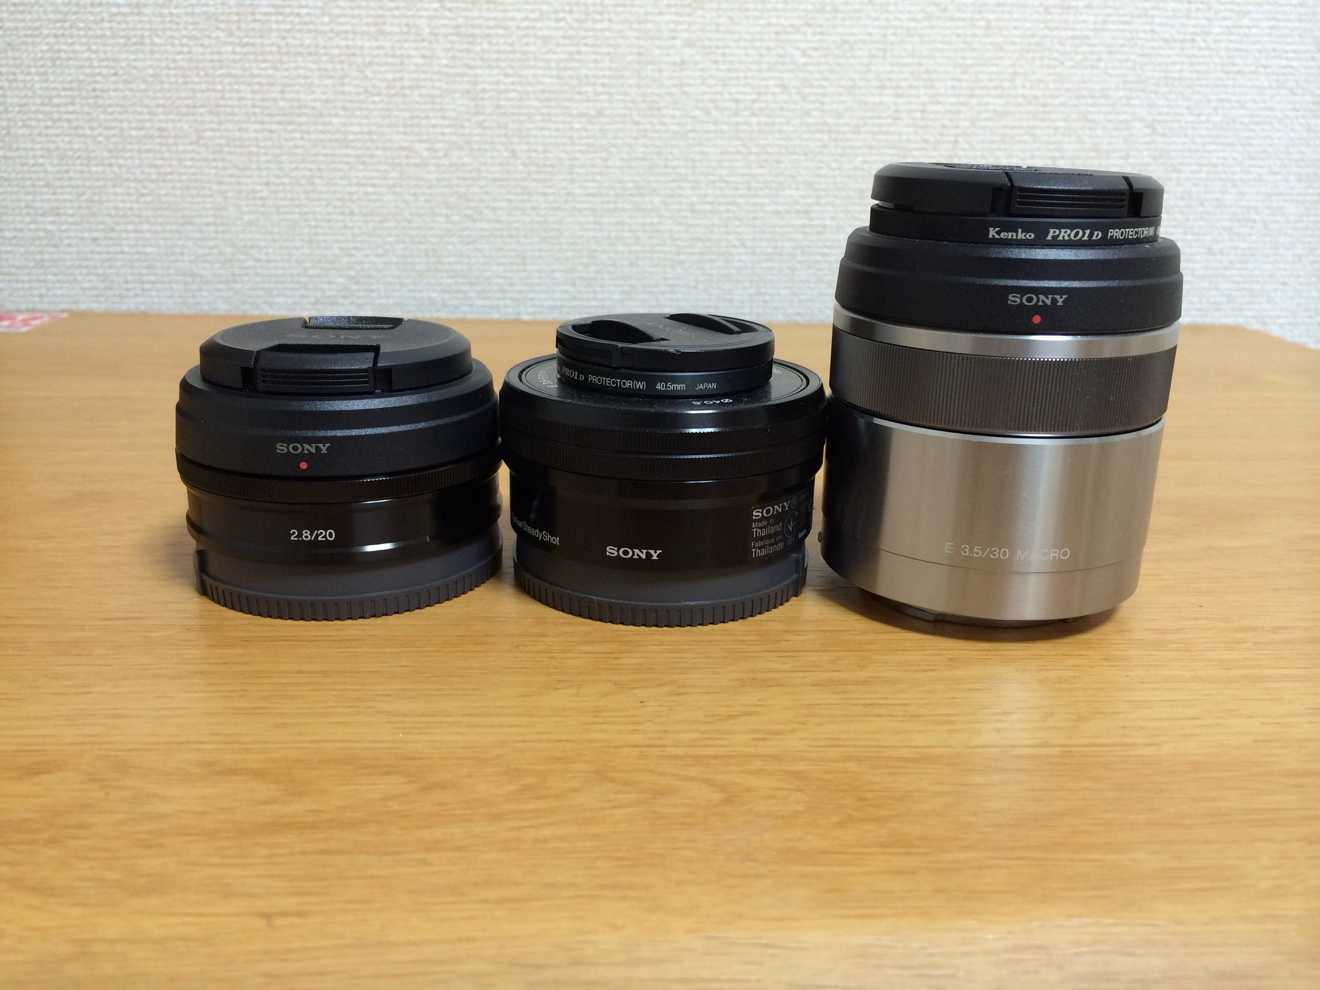 [Å] SONY NEX5R 単焦点「E 20mm F2.8 SEL20F28」を購入!薄くて軽くて持ち運びに最適!